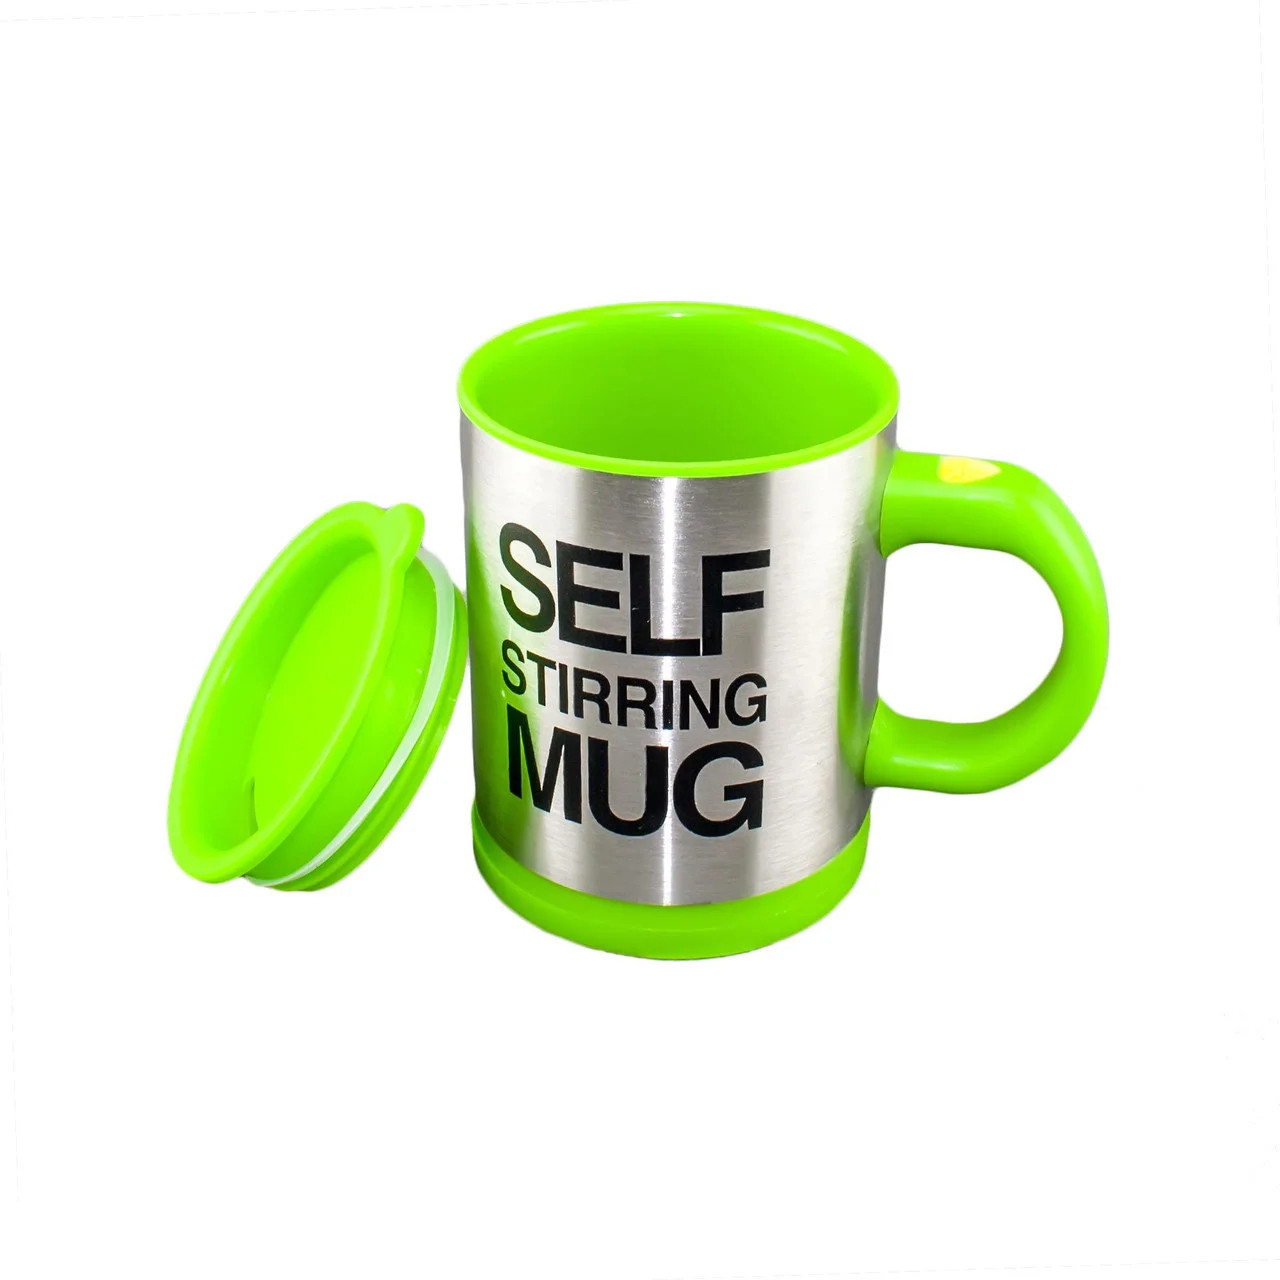 Уценка (товар с небольшим дефектом) Чашка саморазмешивающая Self Stirring Mug